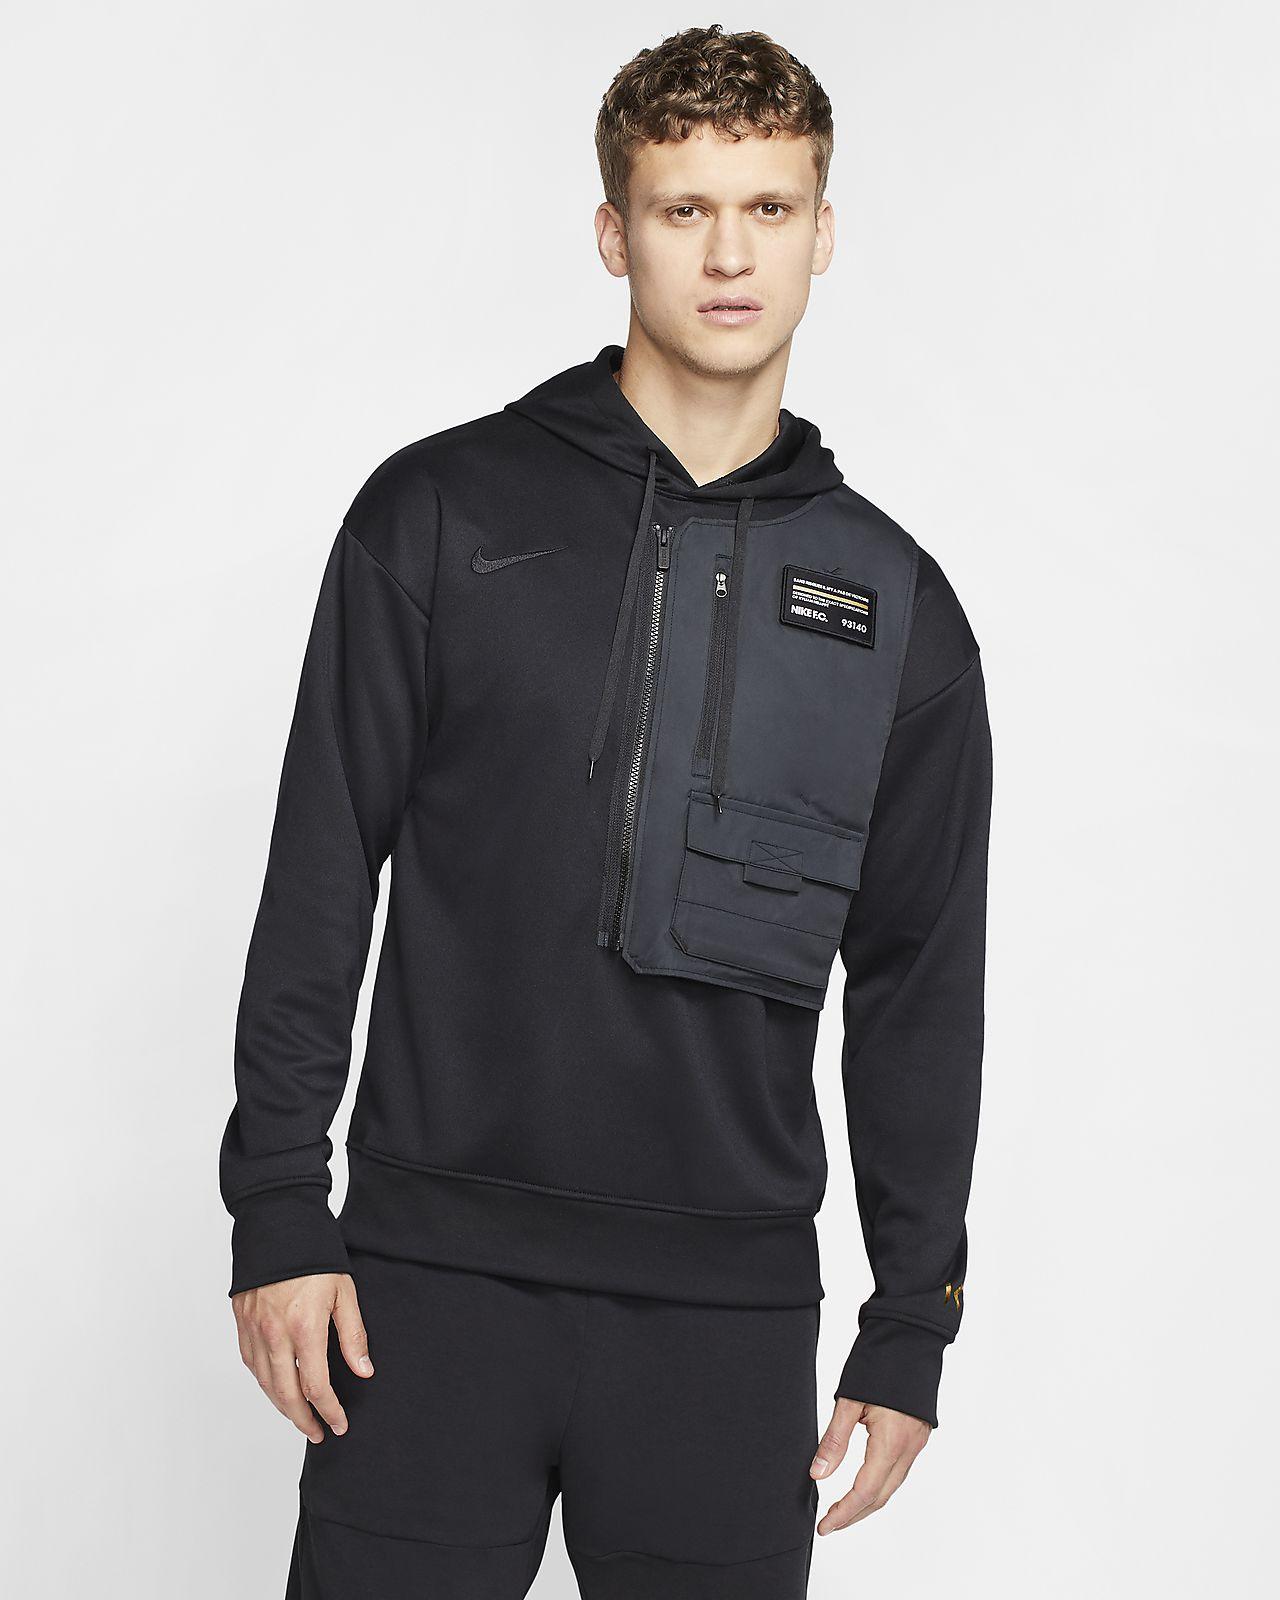 Sudadera con capucha sin cierre de fútbol para hombre Nike Dri-FIT Bondy